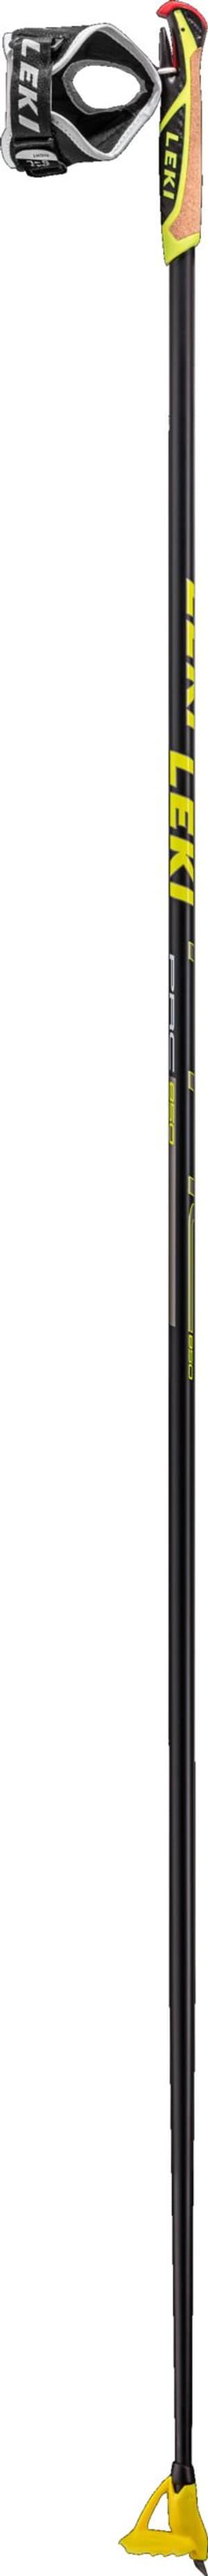 PRC 850